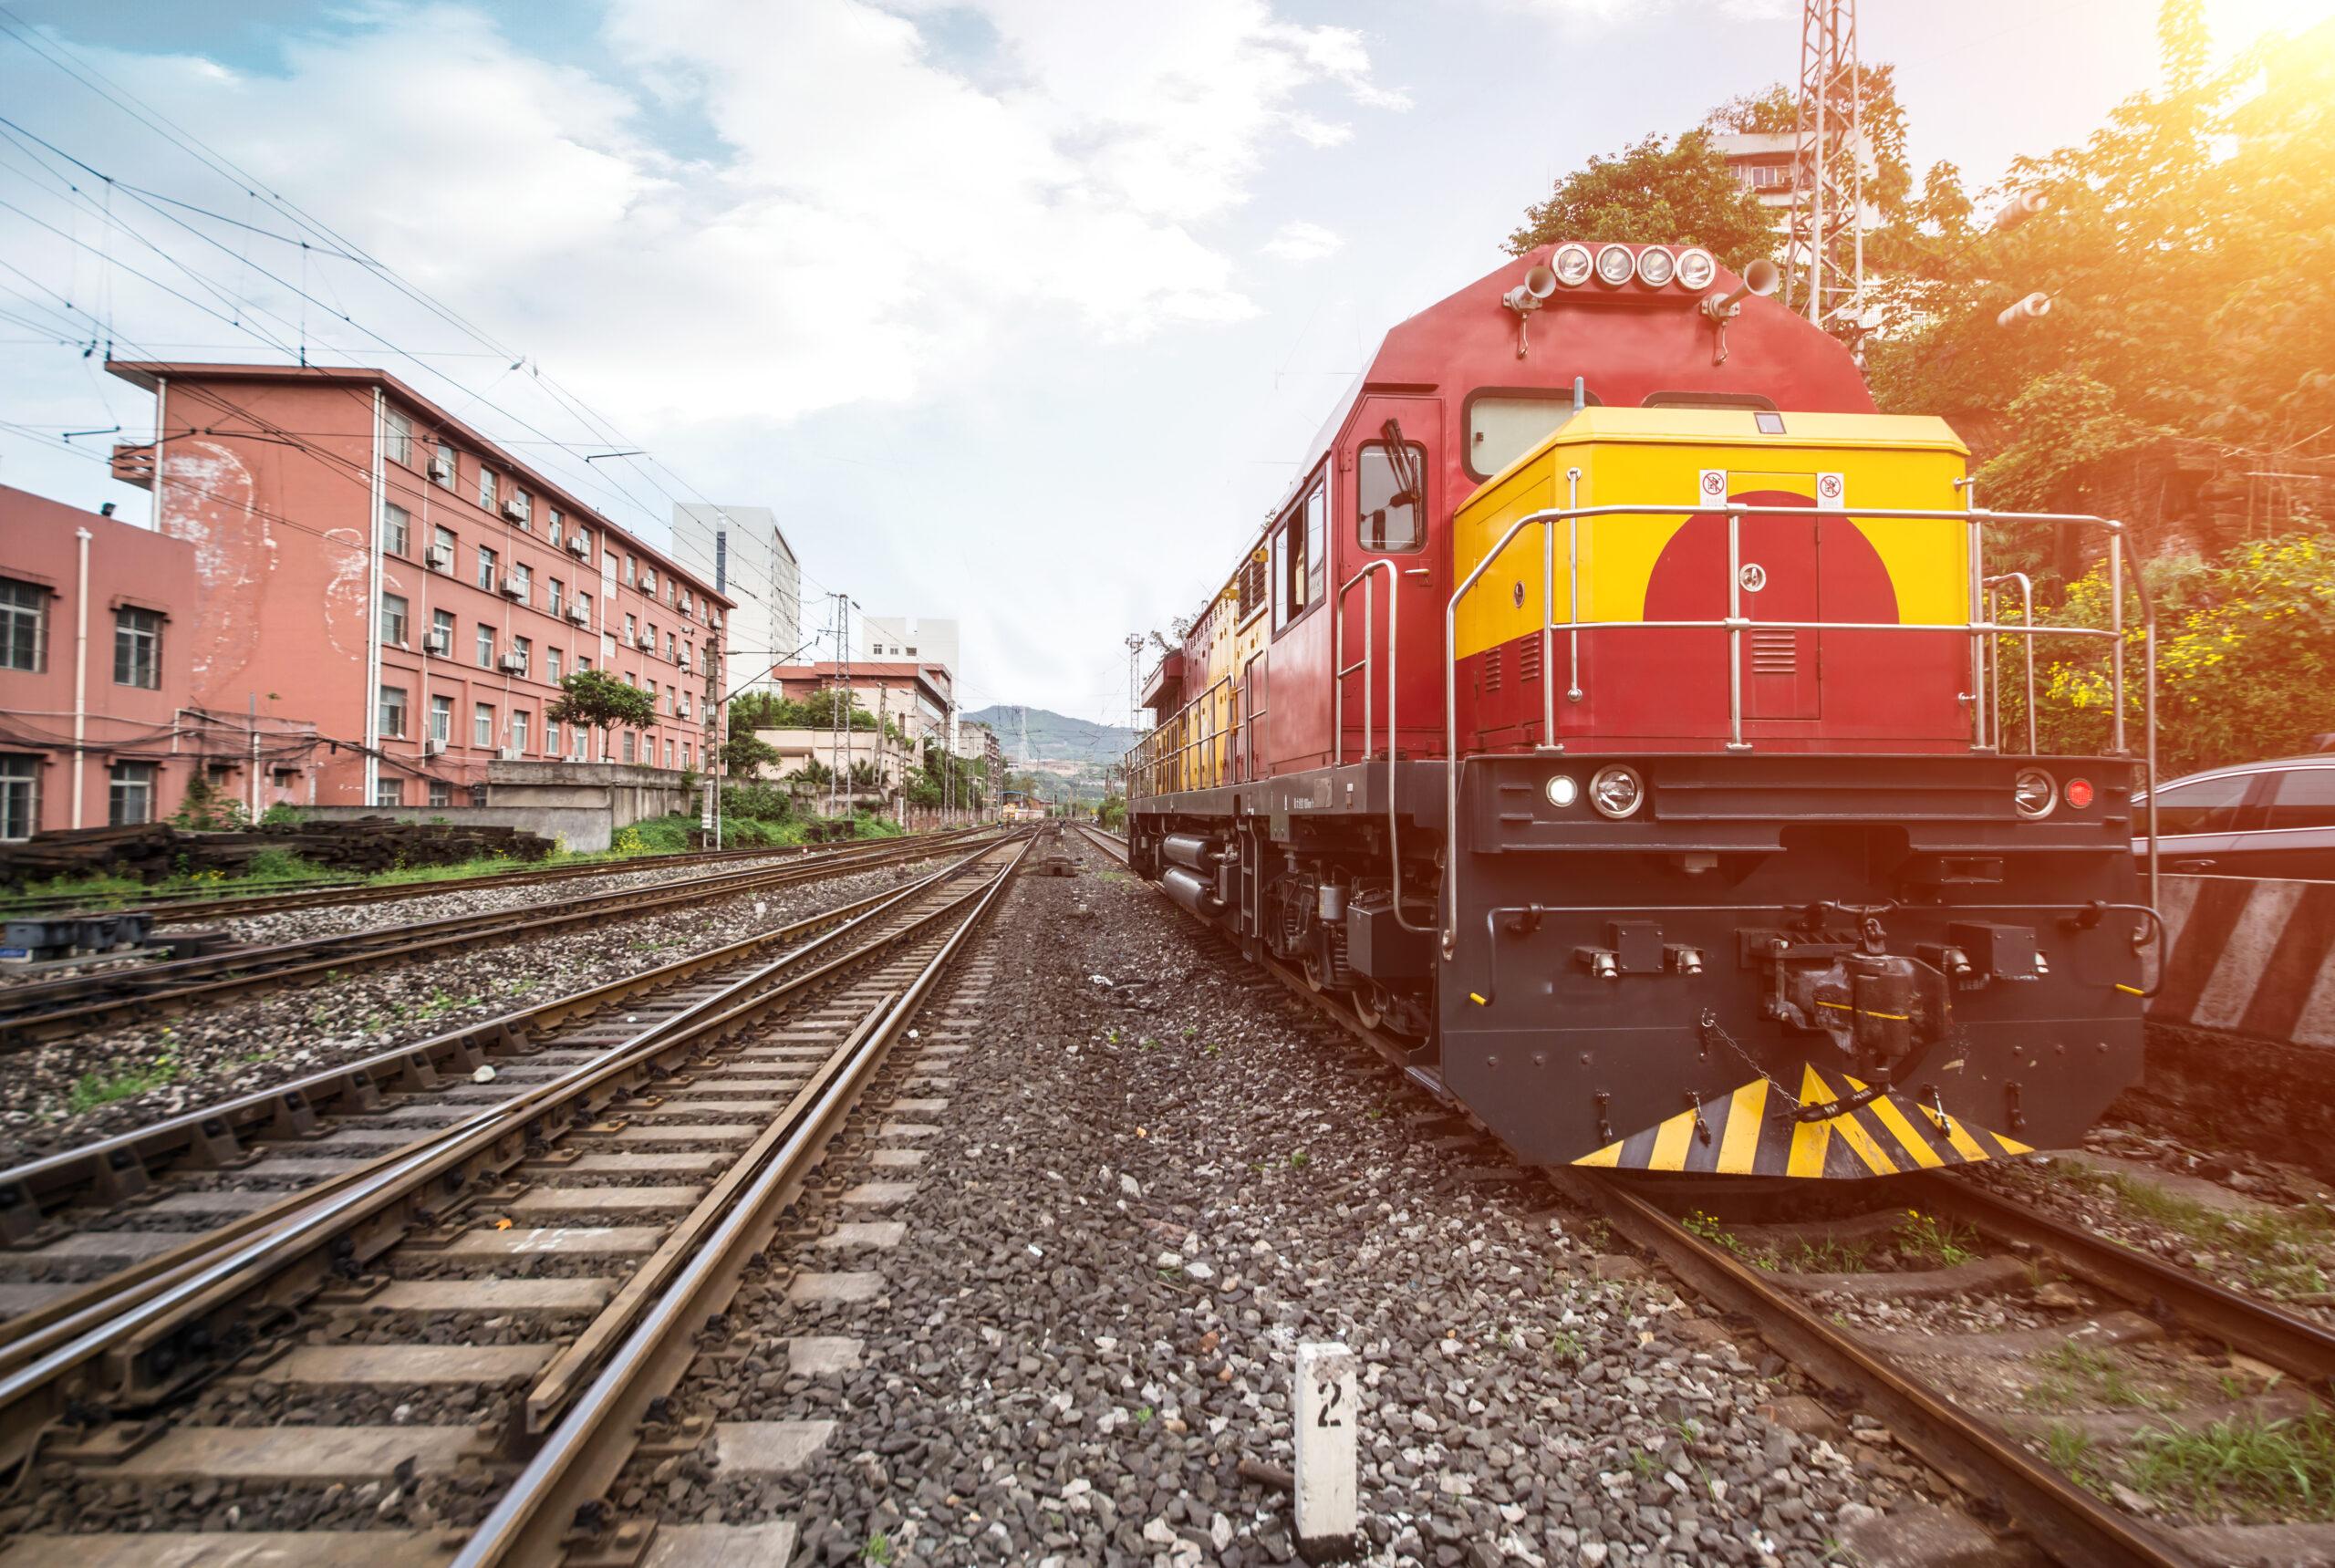 Ponad 47 mln euro na polskie projekty kolejowe z UE. Konkurs CEF Transport 2020 rozstrzygnięty